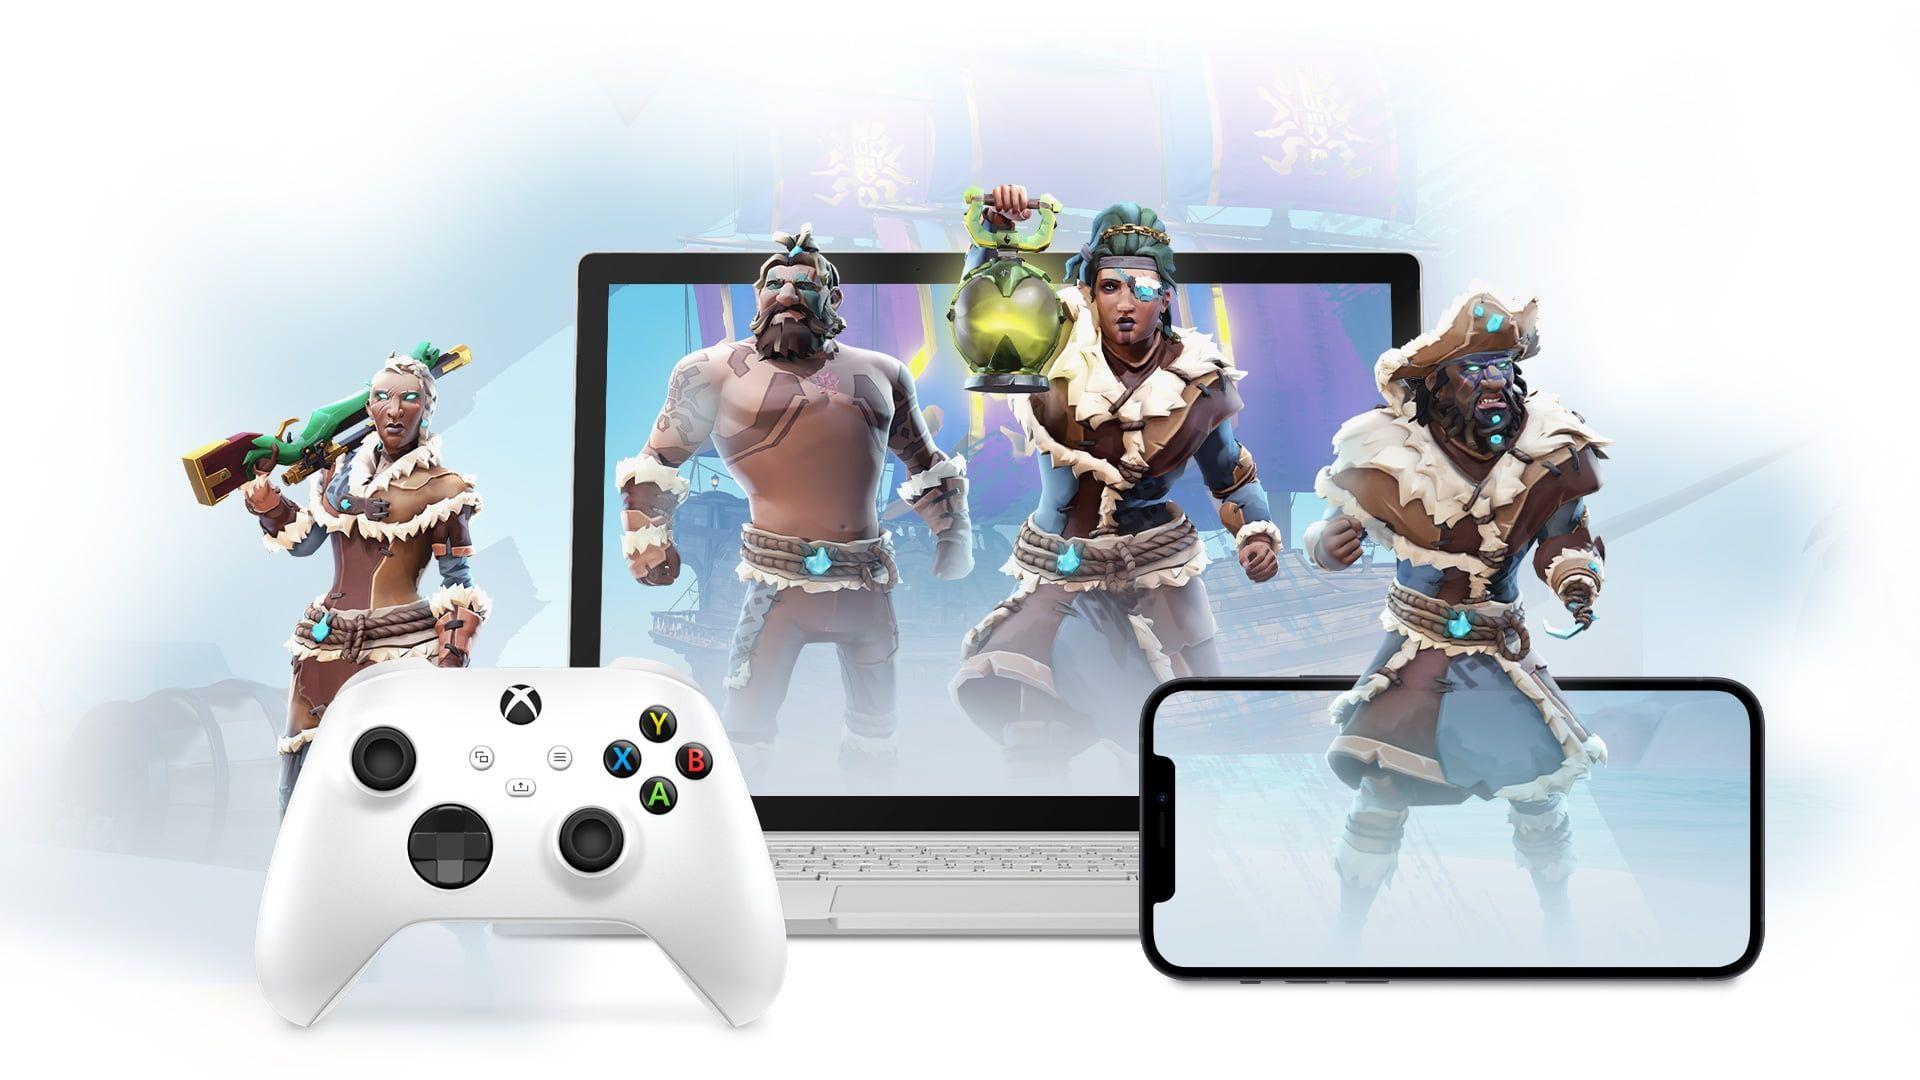 Dostępny Xbox Cloud Gaming w iOS i iPadOS przez Safari